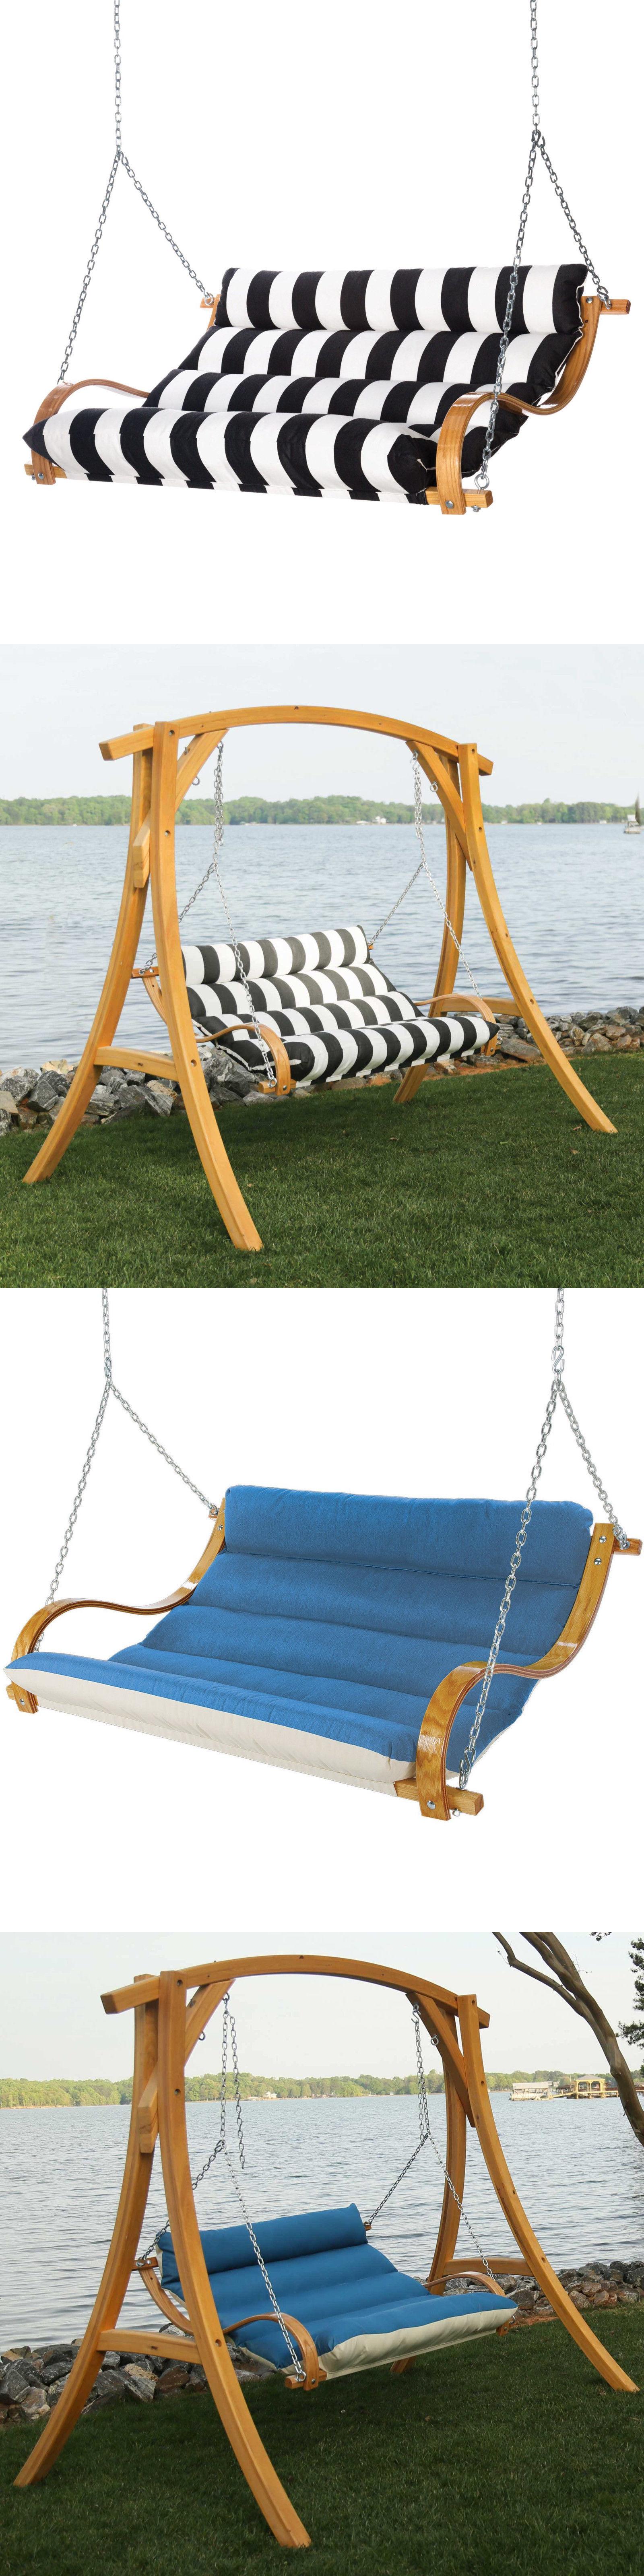 Swings hatteras hammocks deluxe sunbrella double hammock